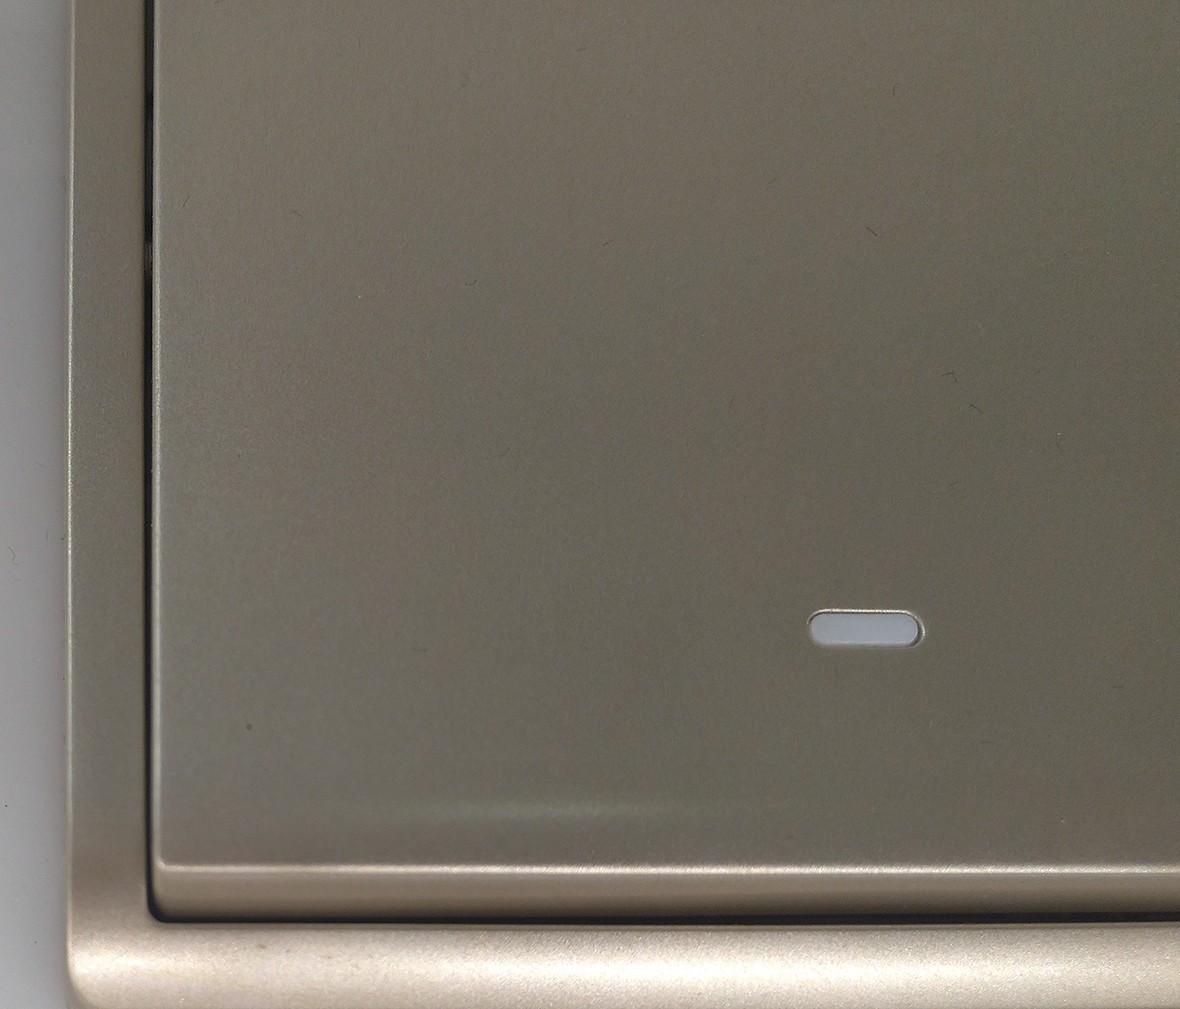 施耐德 丰尚系列 单开开关 PC材质 耐高温 防漏电 安全开关